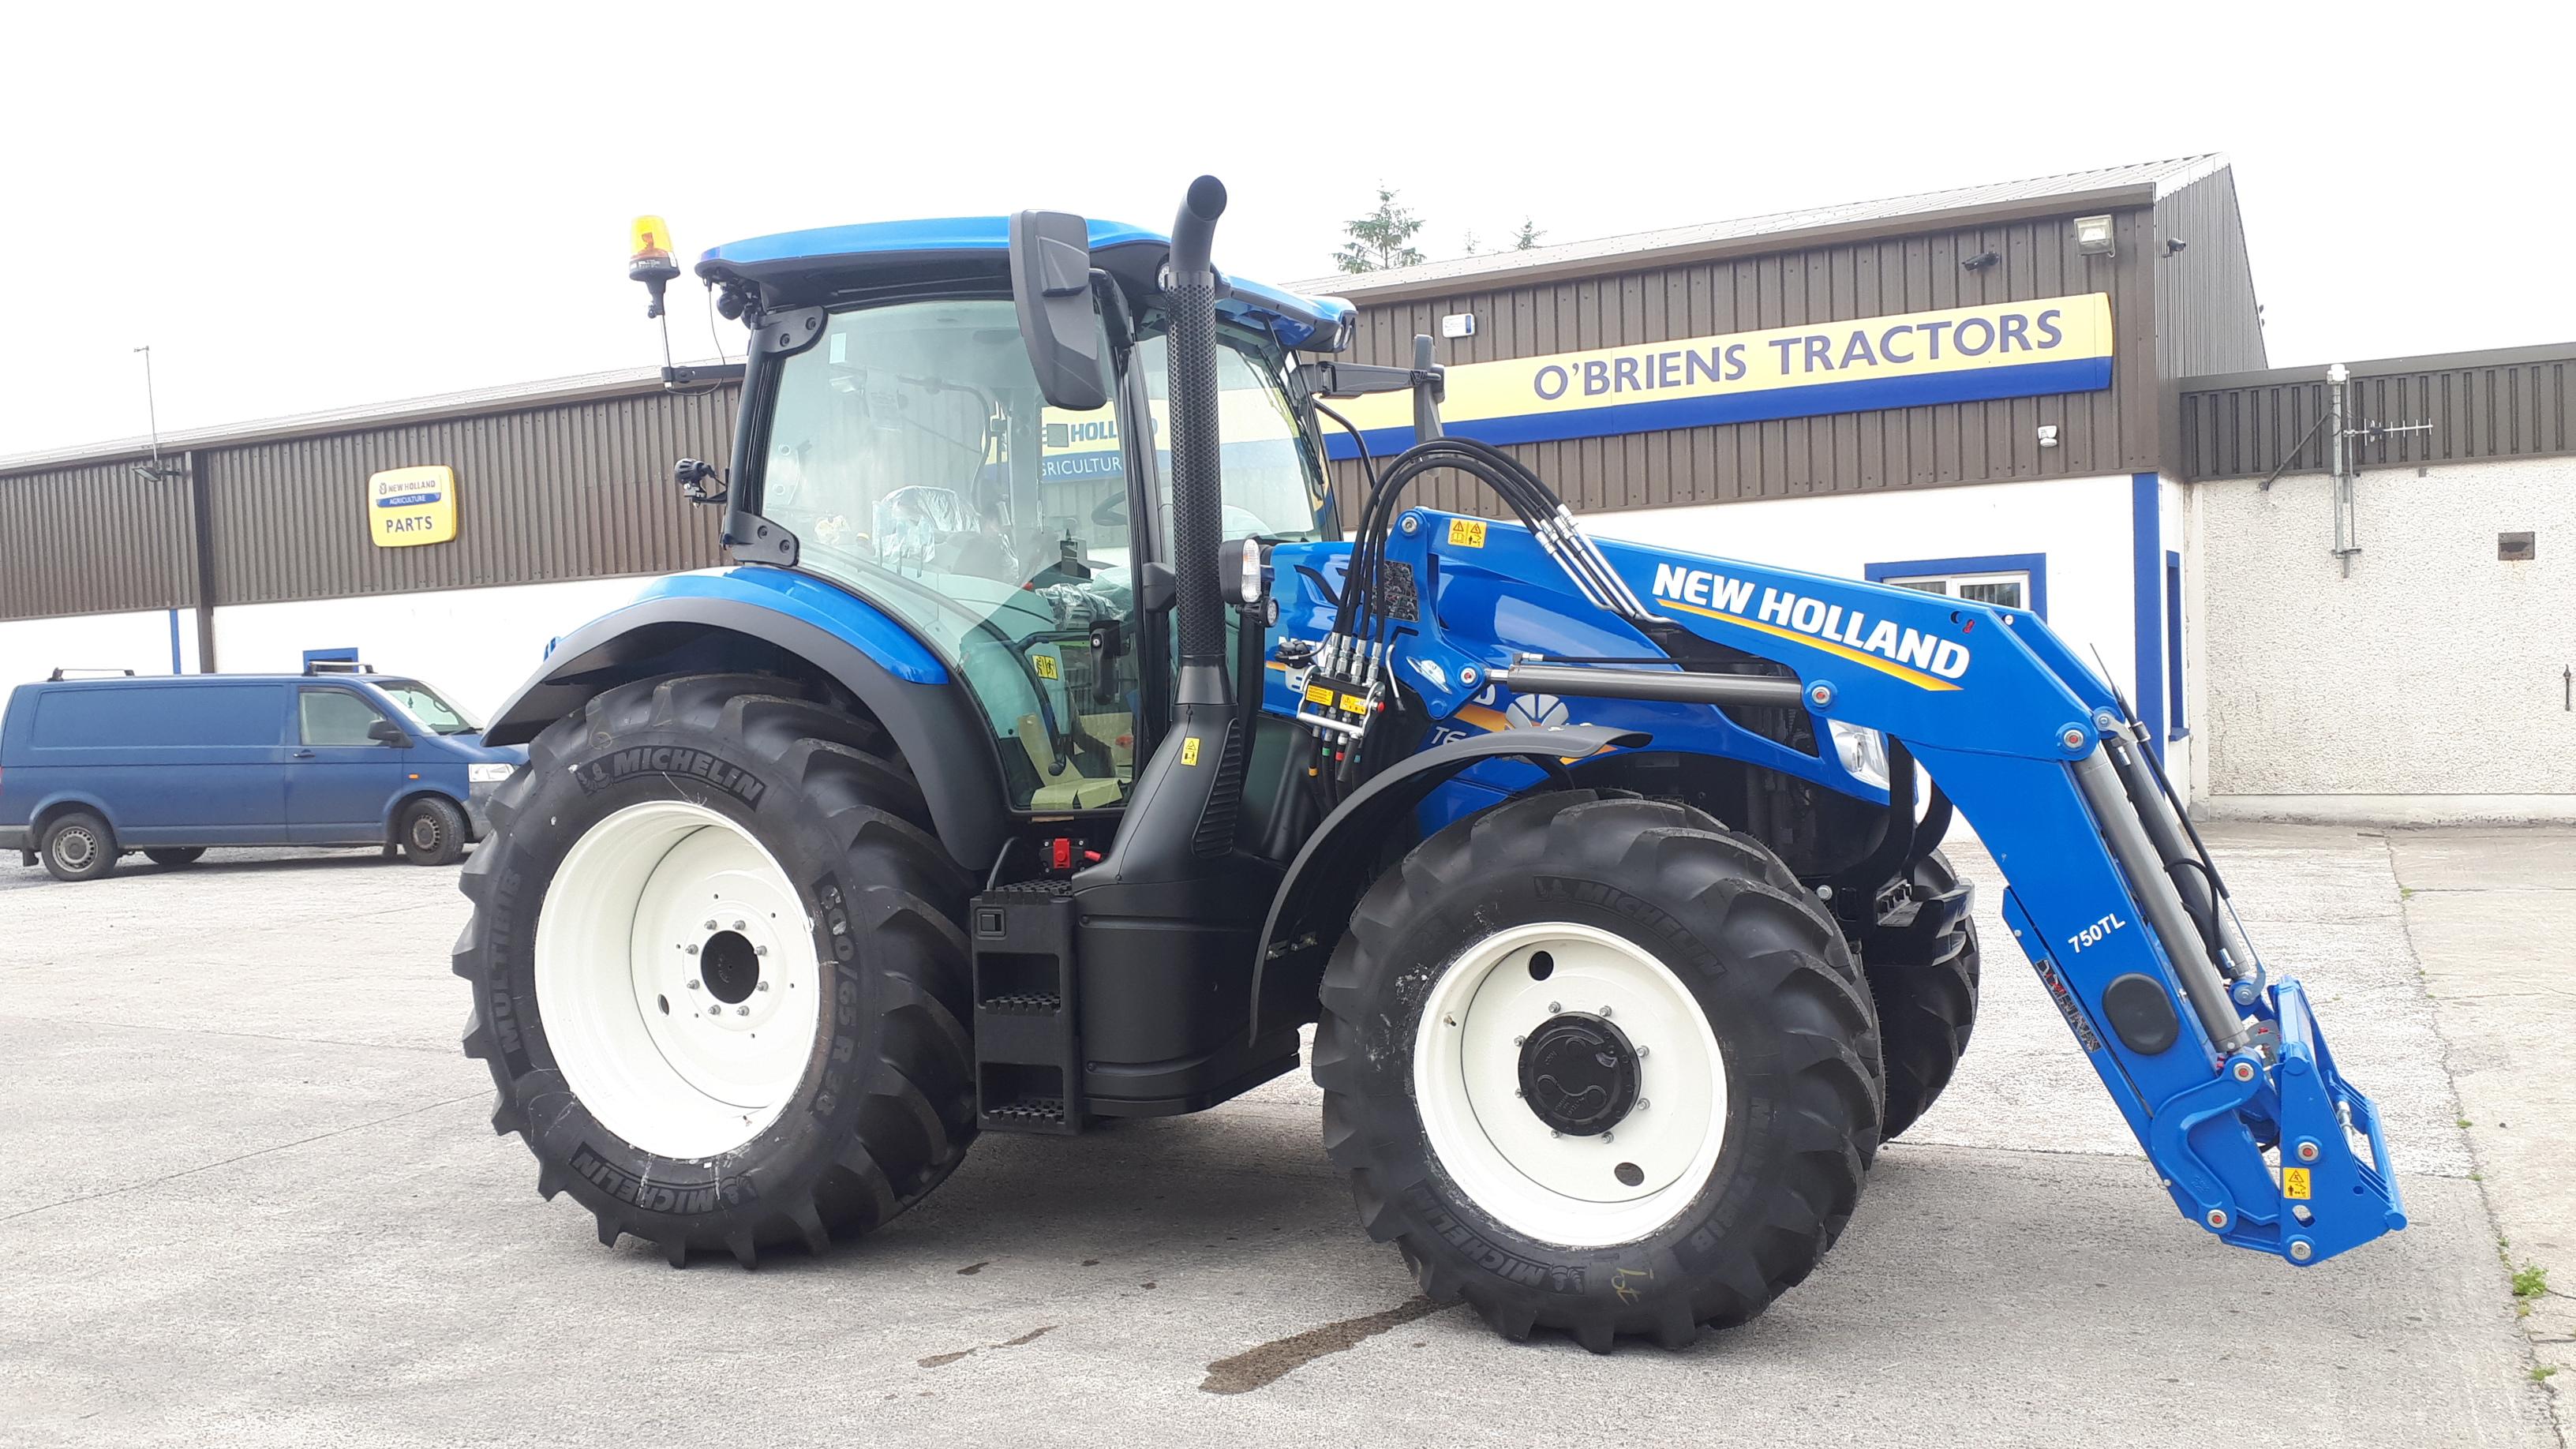 New Holland Tractor Dealer O'Briens Tractors